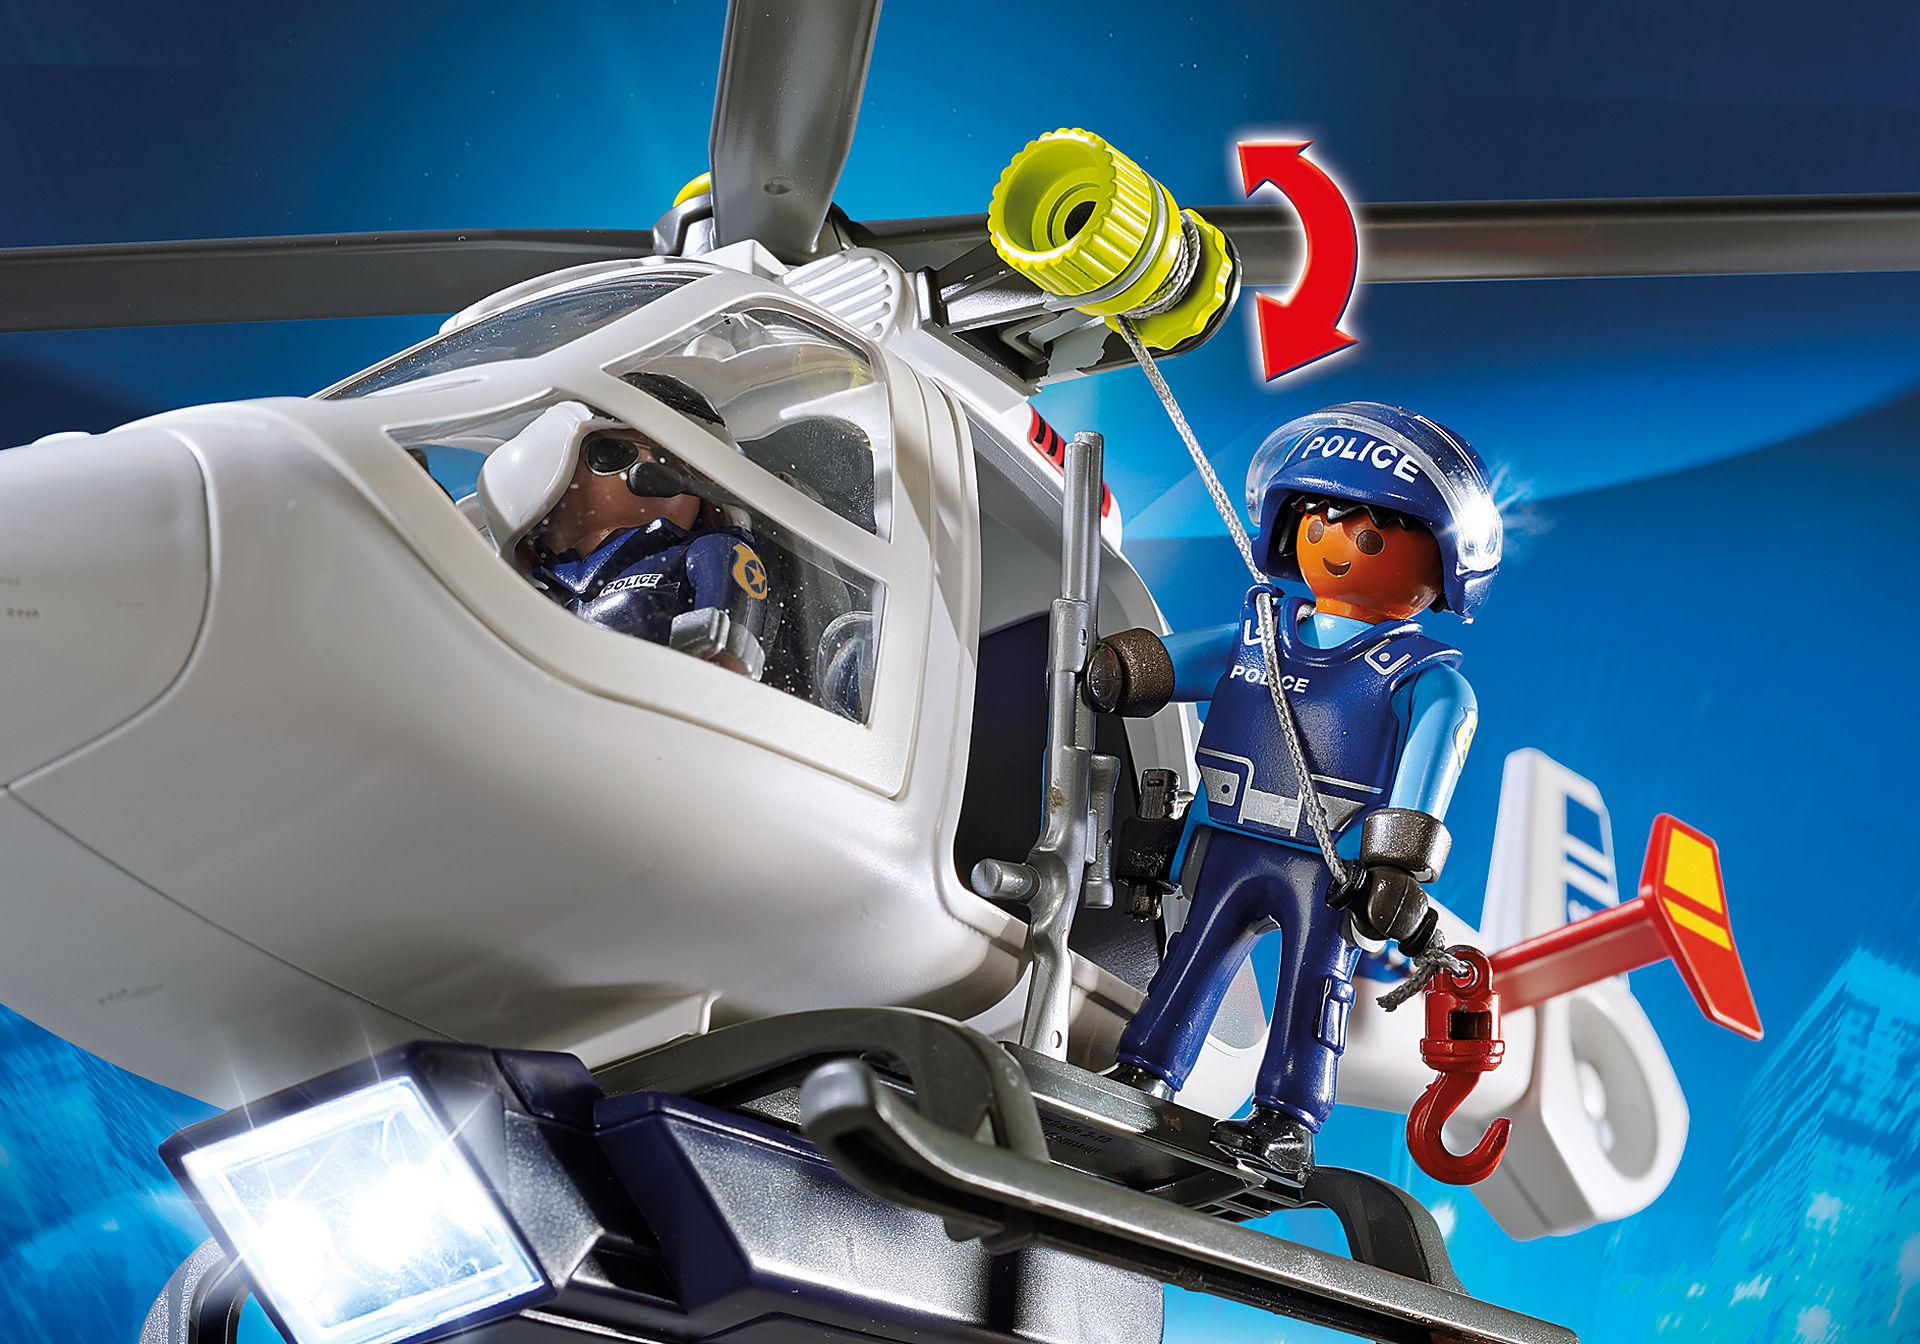 6921 Helicóptero da Polícia com luzes LED zoom image5